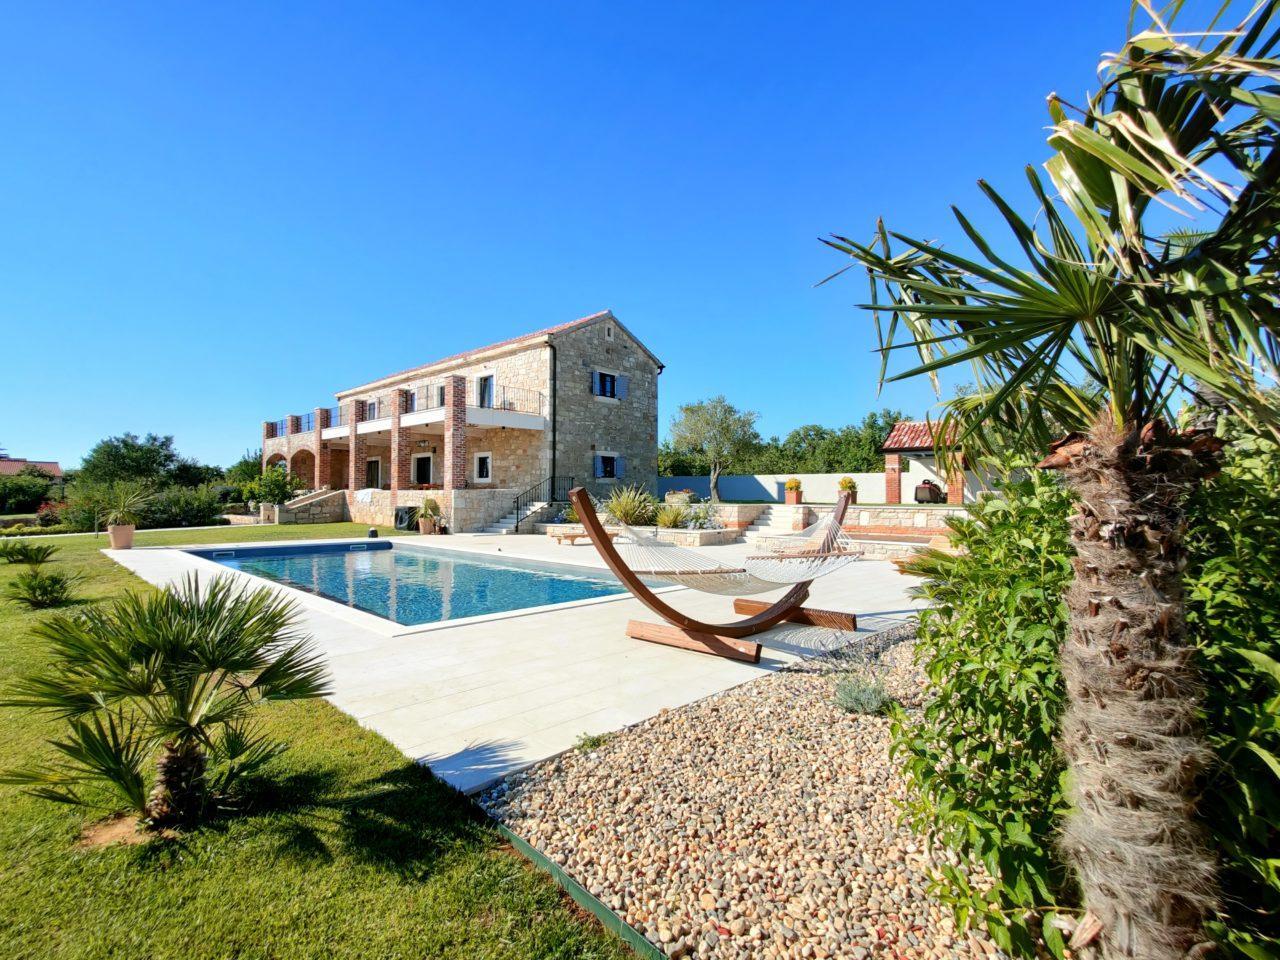 Hochzeit in der Villa Emilio Heiraten Hochzeitslocation Location in Kroatien Luxuriös mit Pool